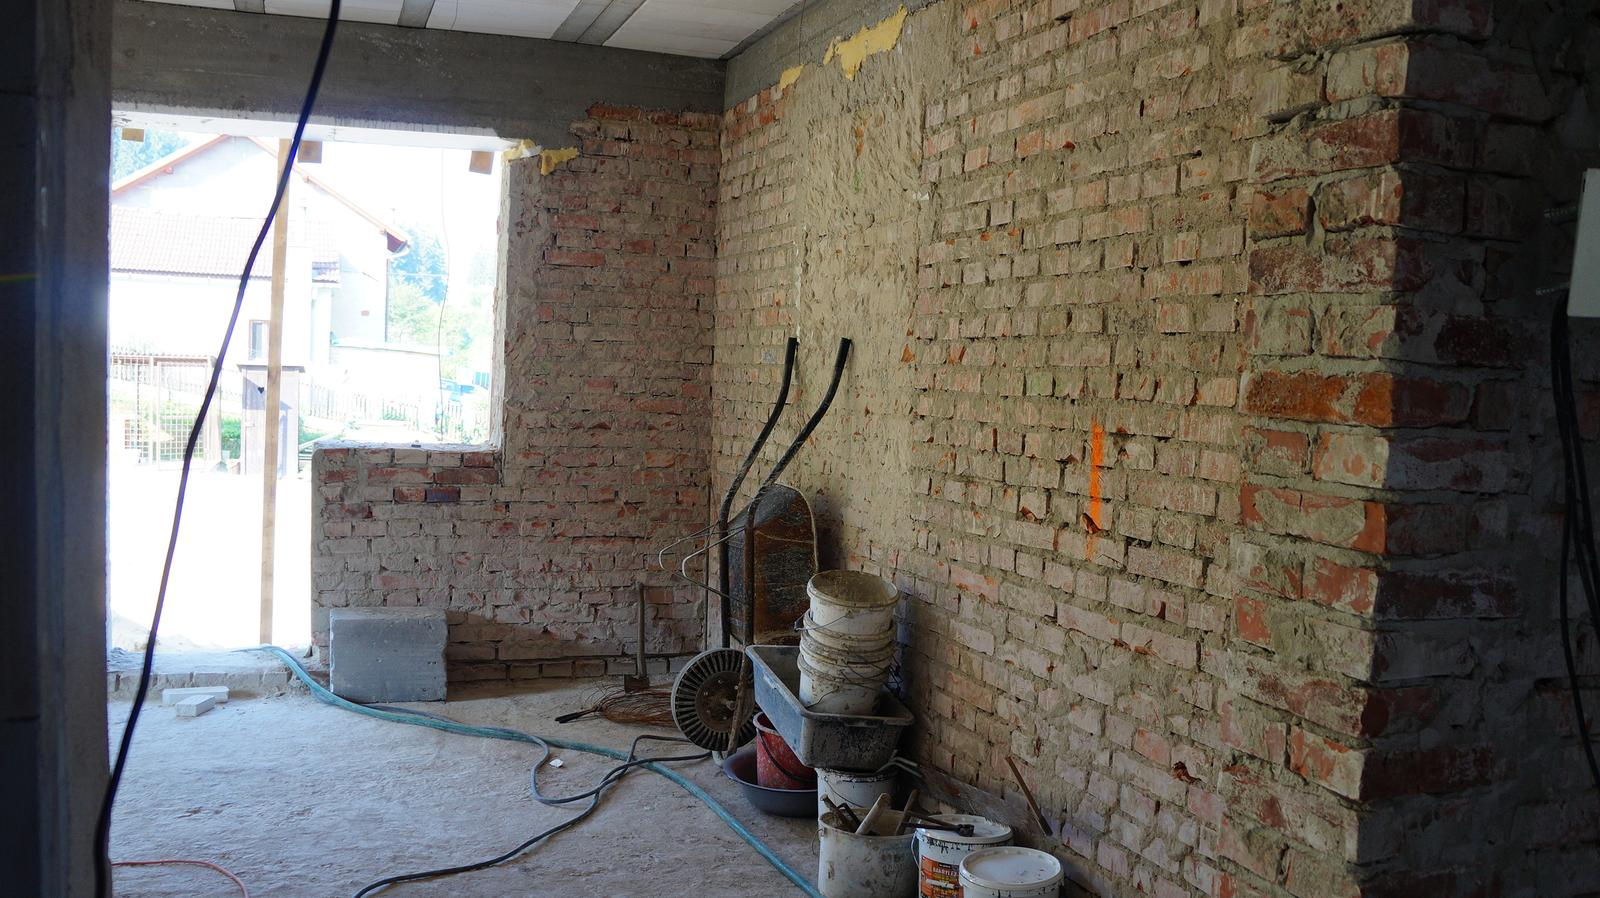 *Sen-stavba-dom-domov * - sem príde kuchynská linka pôjde pekne pozdĺž steny, v rohu bude rohové umývadlo a ešte kúsoček linky pôjde pod okno :)